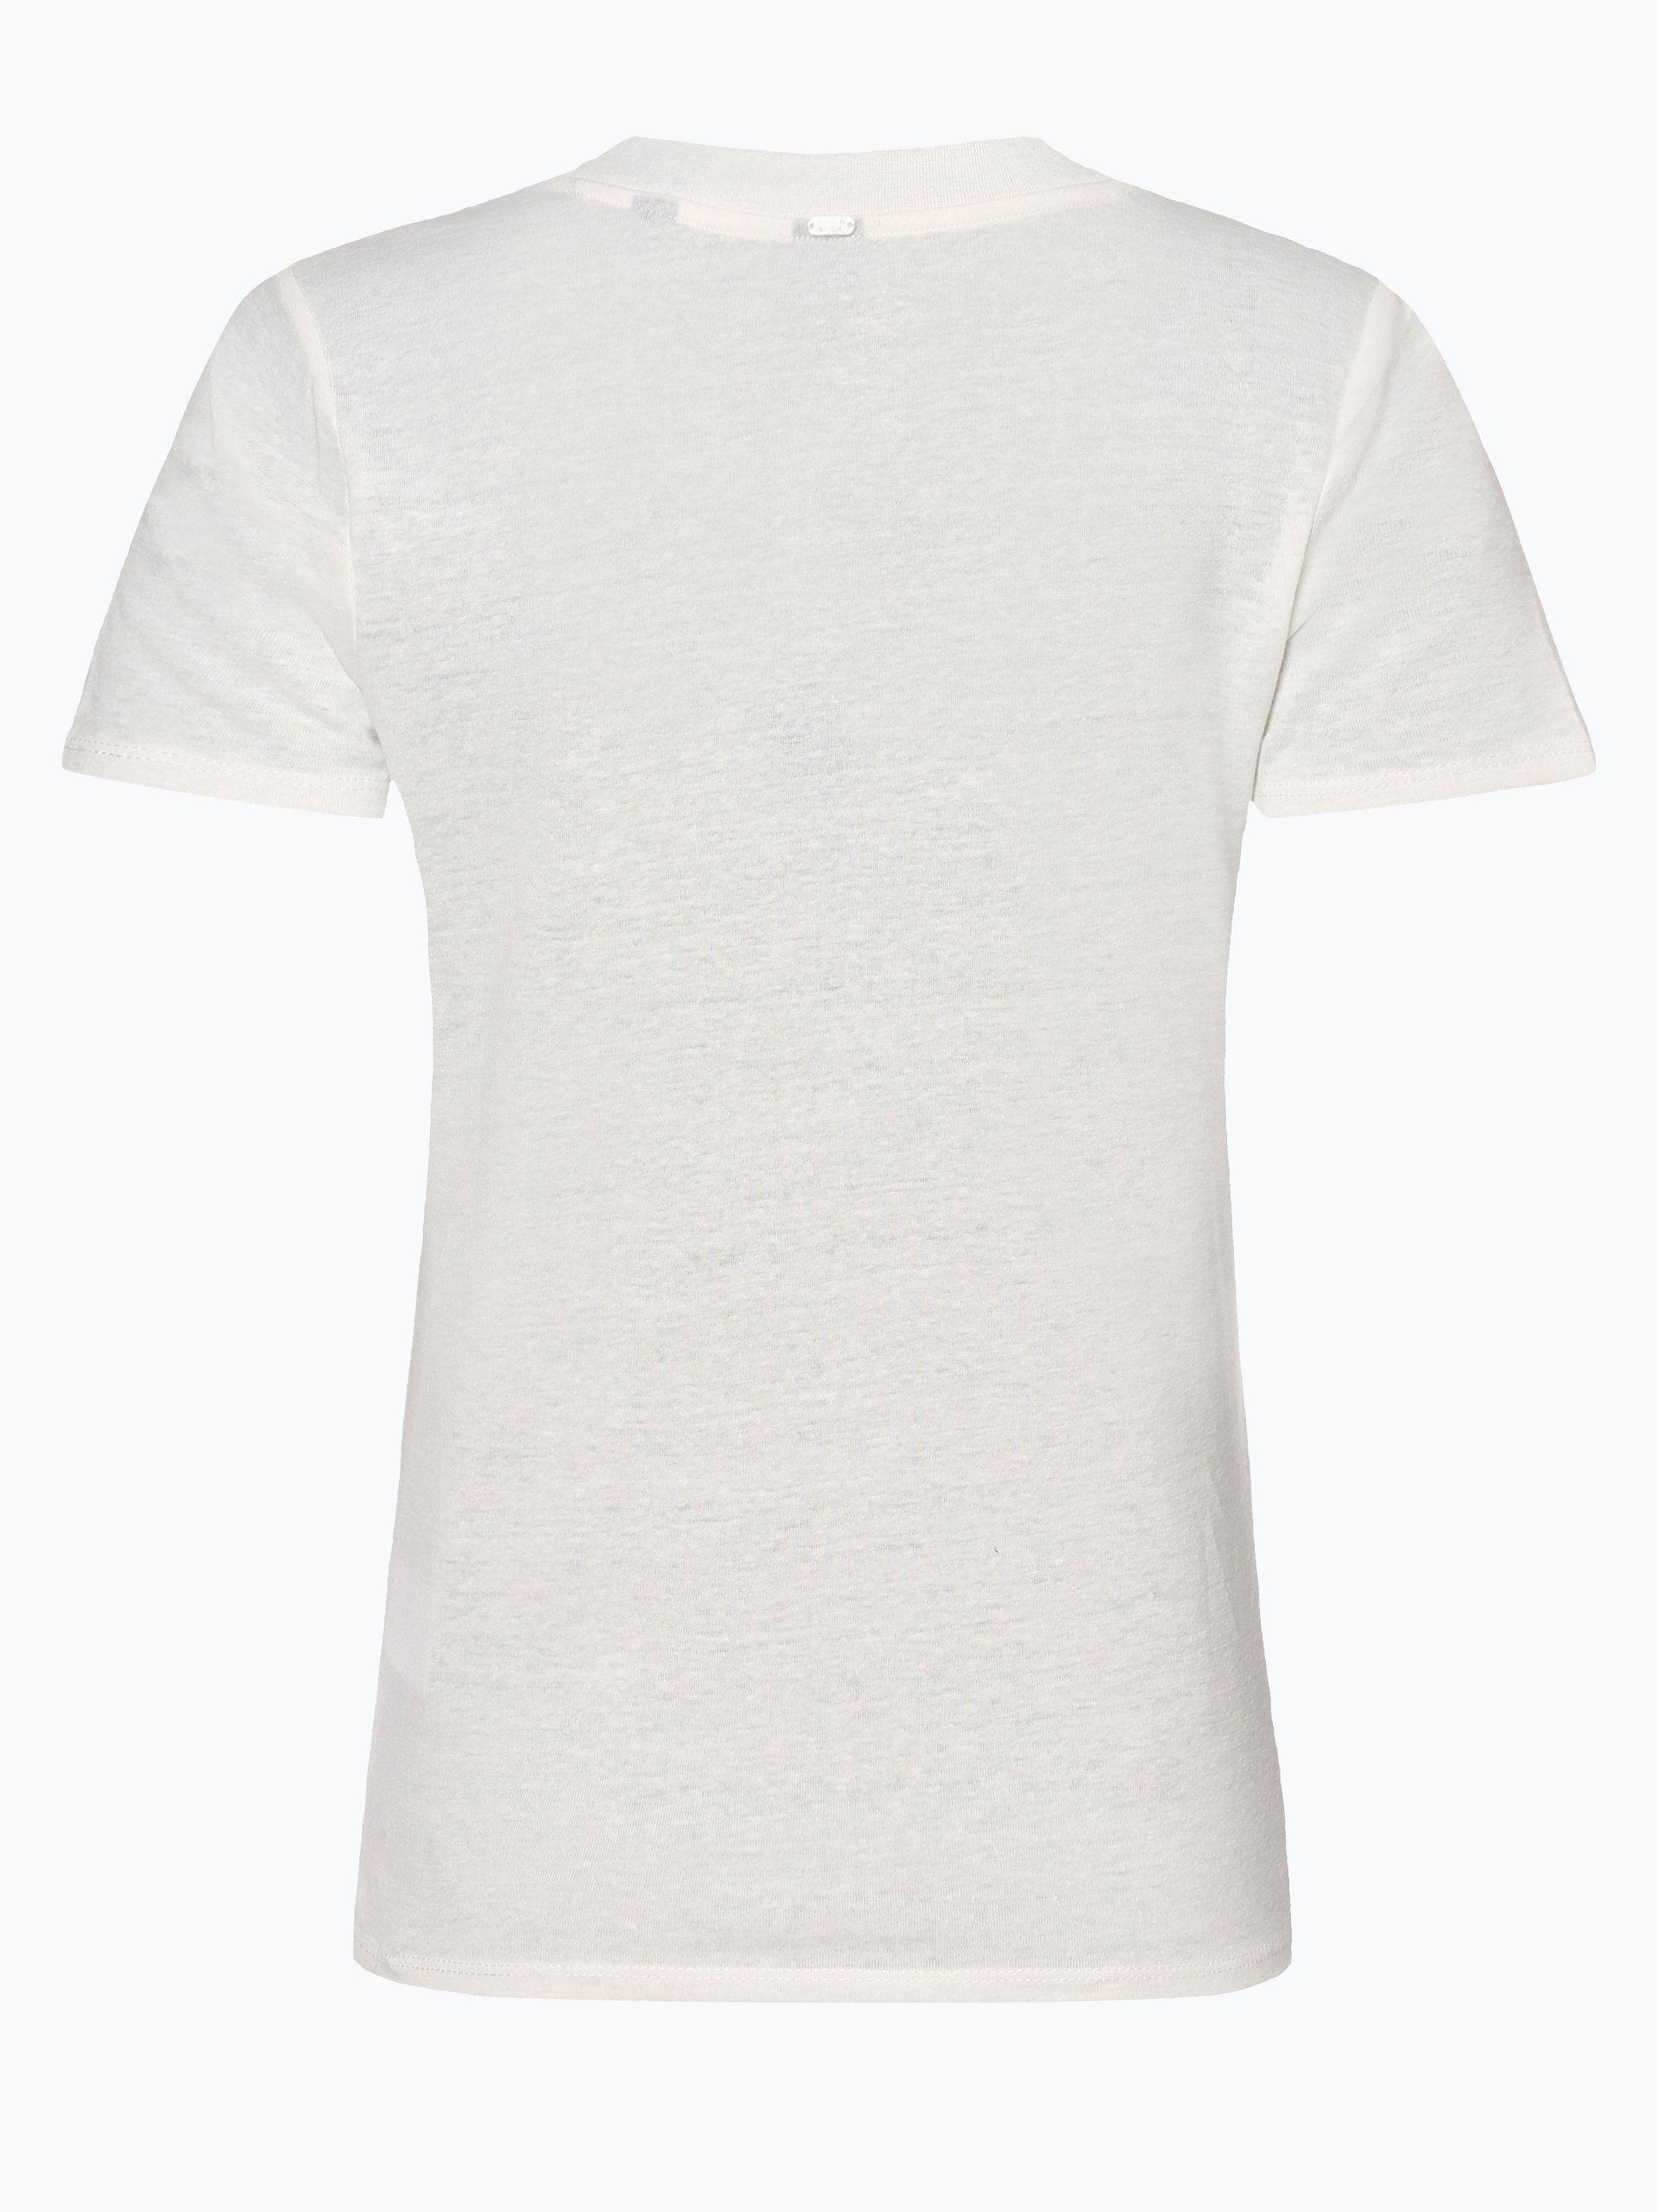 Scotch & Soda Damen T-Shirt mit Leinen-Anteil